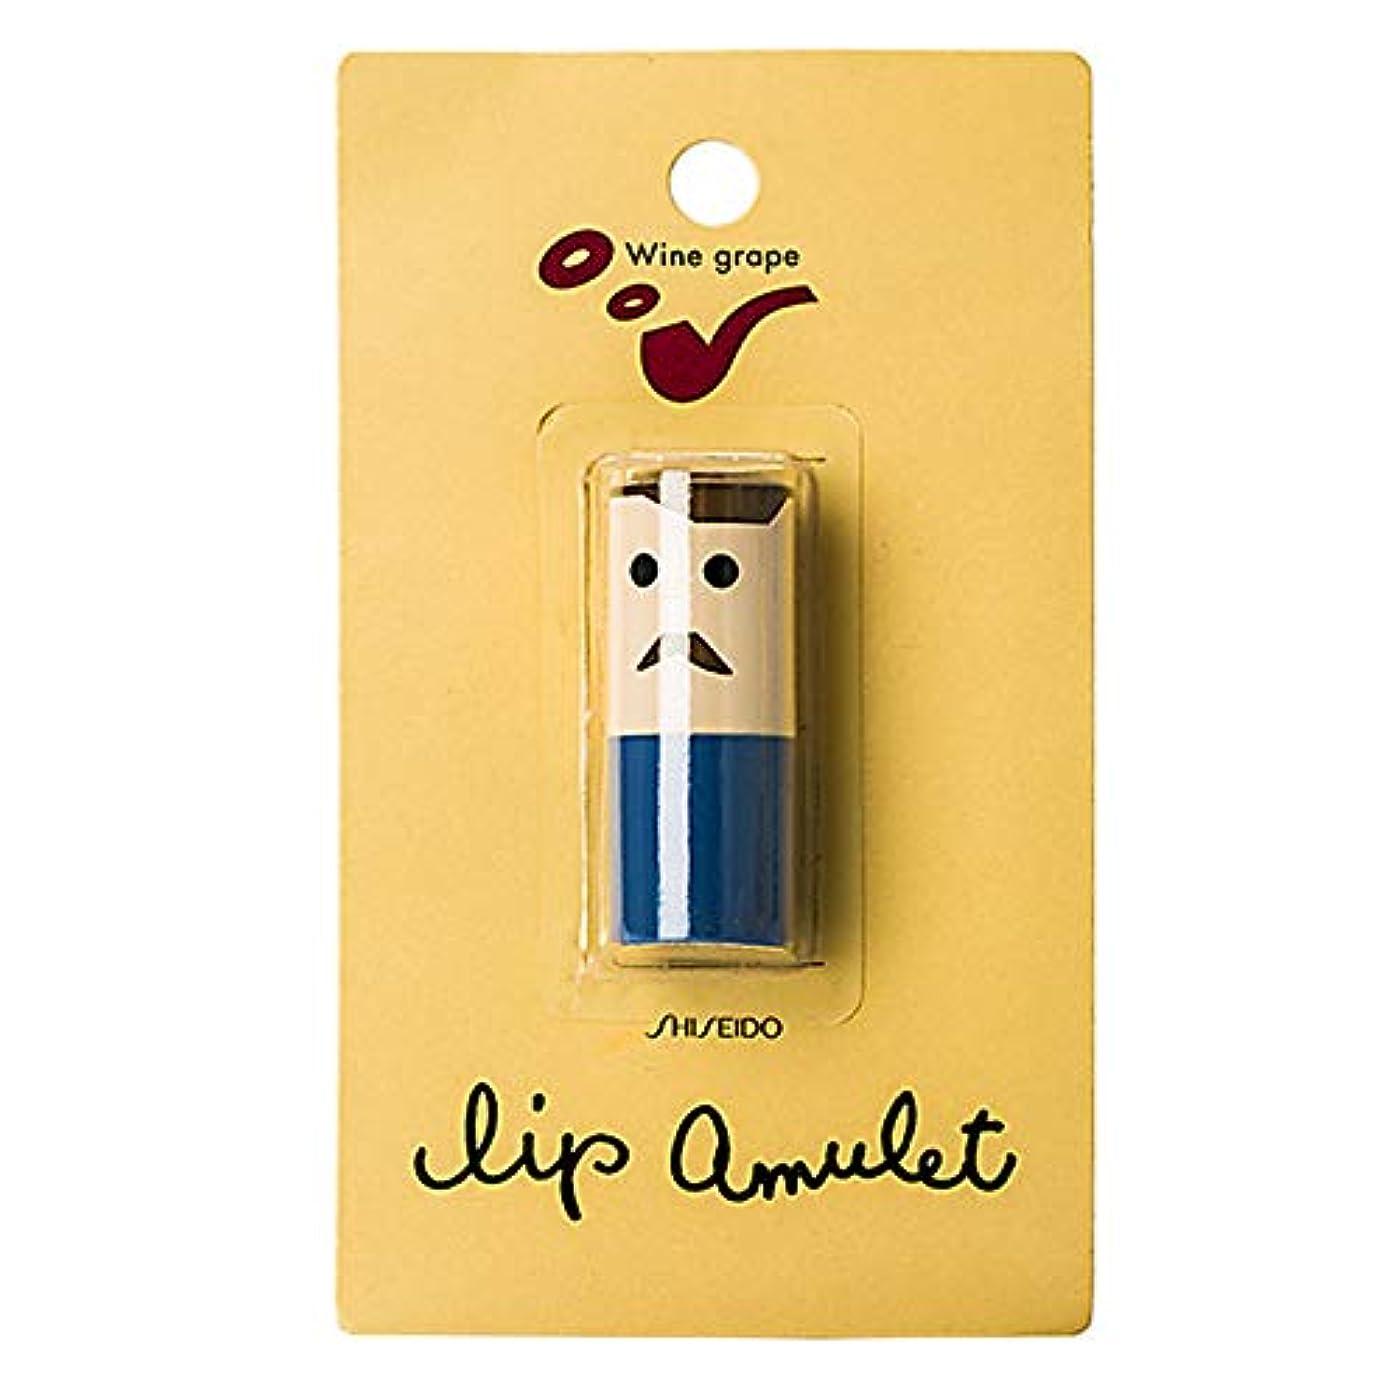 計算する見つける行動【台湾限定】資生堂 Shiseido リップアミュレット Lip Amulet お土産 コスメ 色つきリップ 単品 葡萄酒紅 (ワイングレープ) [並行輸入品]